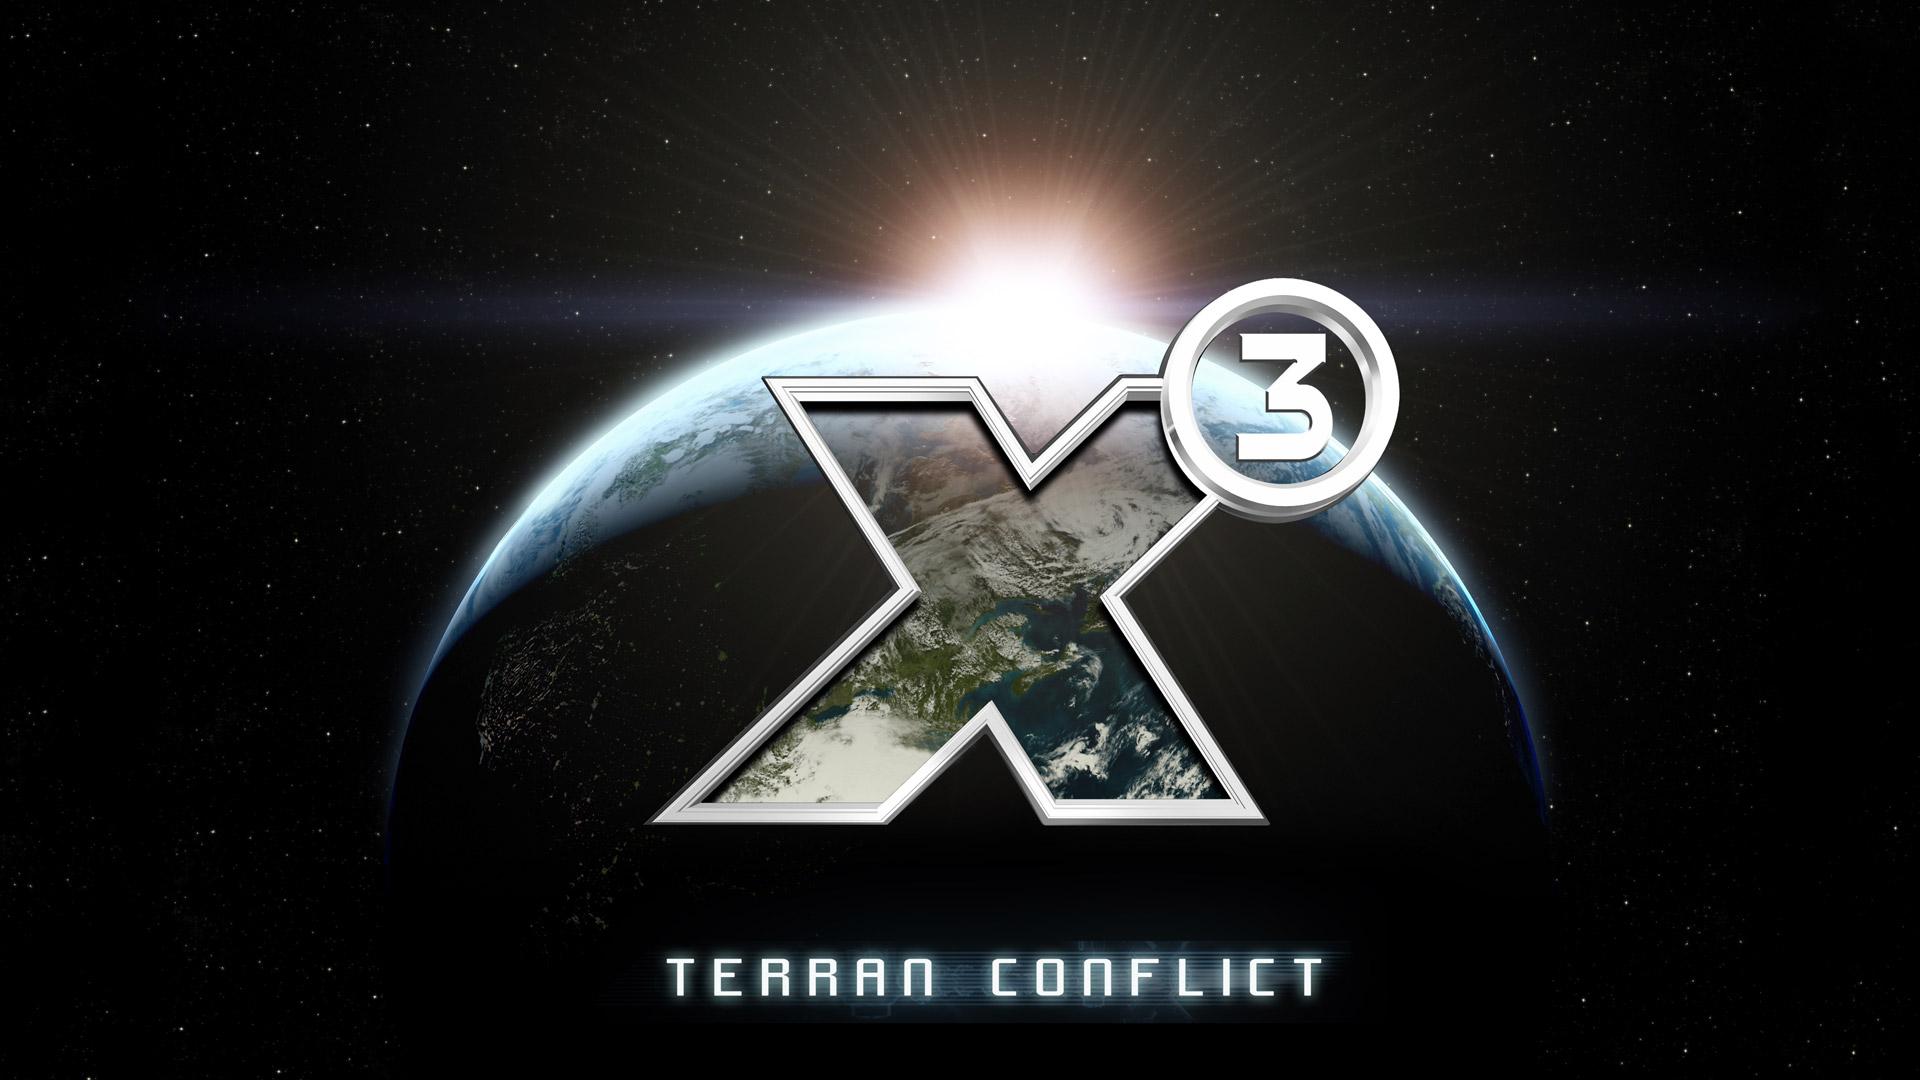 Free X3: Terran Conflict Wallpaper in 1920x1080